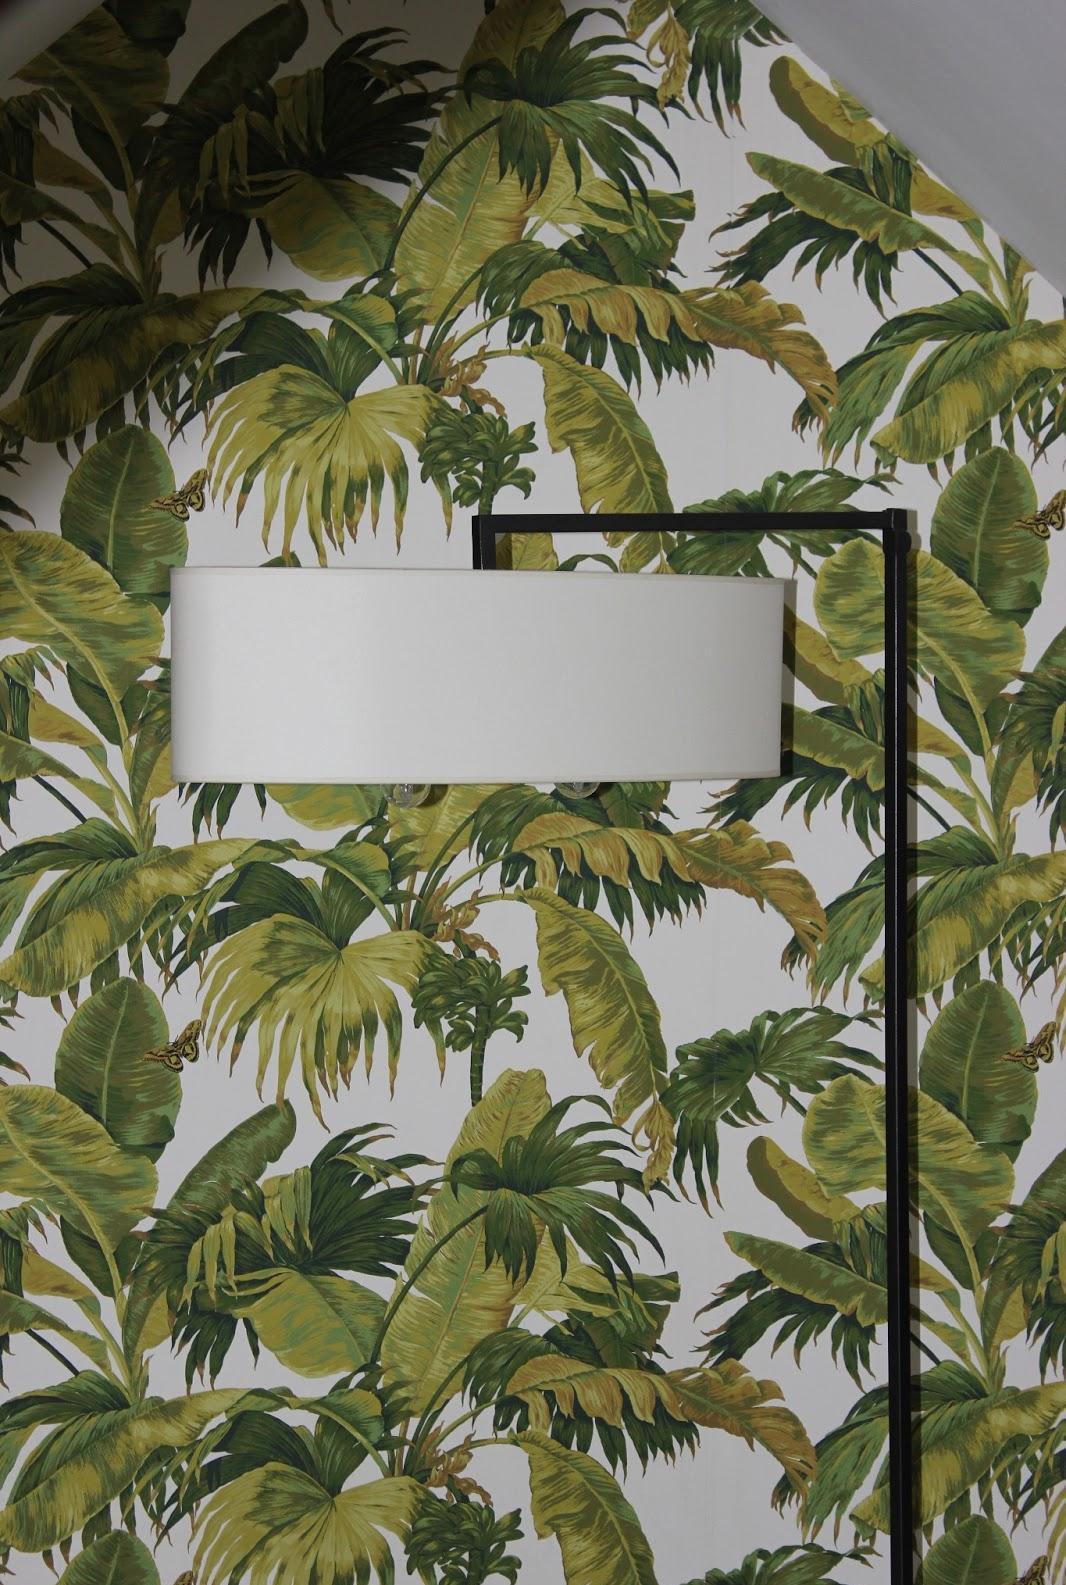 Дизайн обоев с растительным принтом